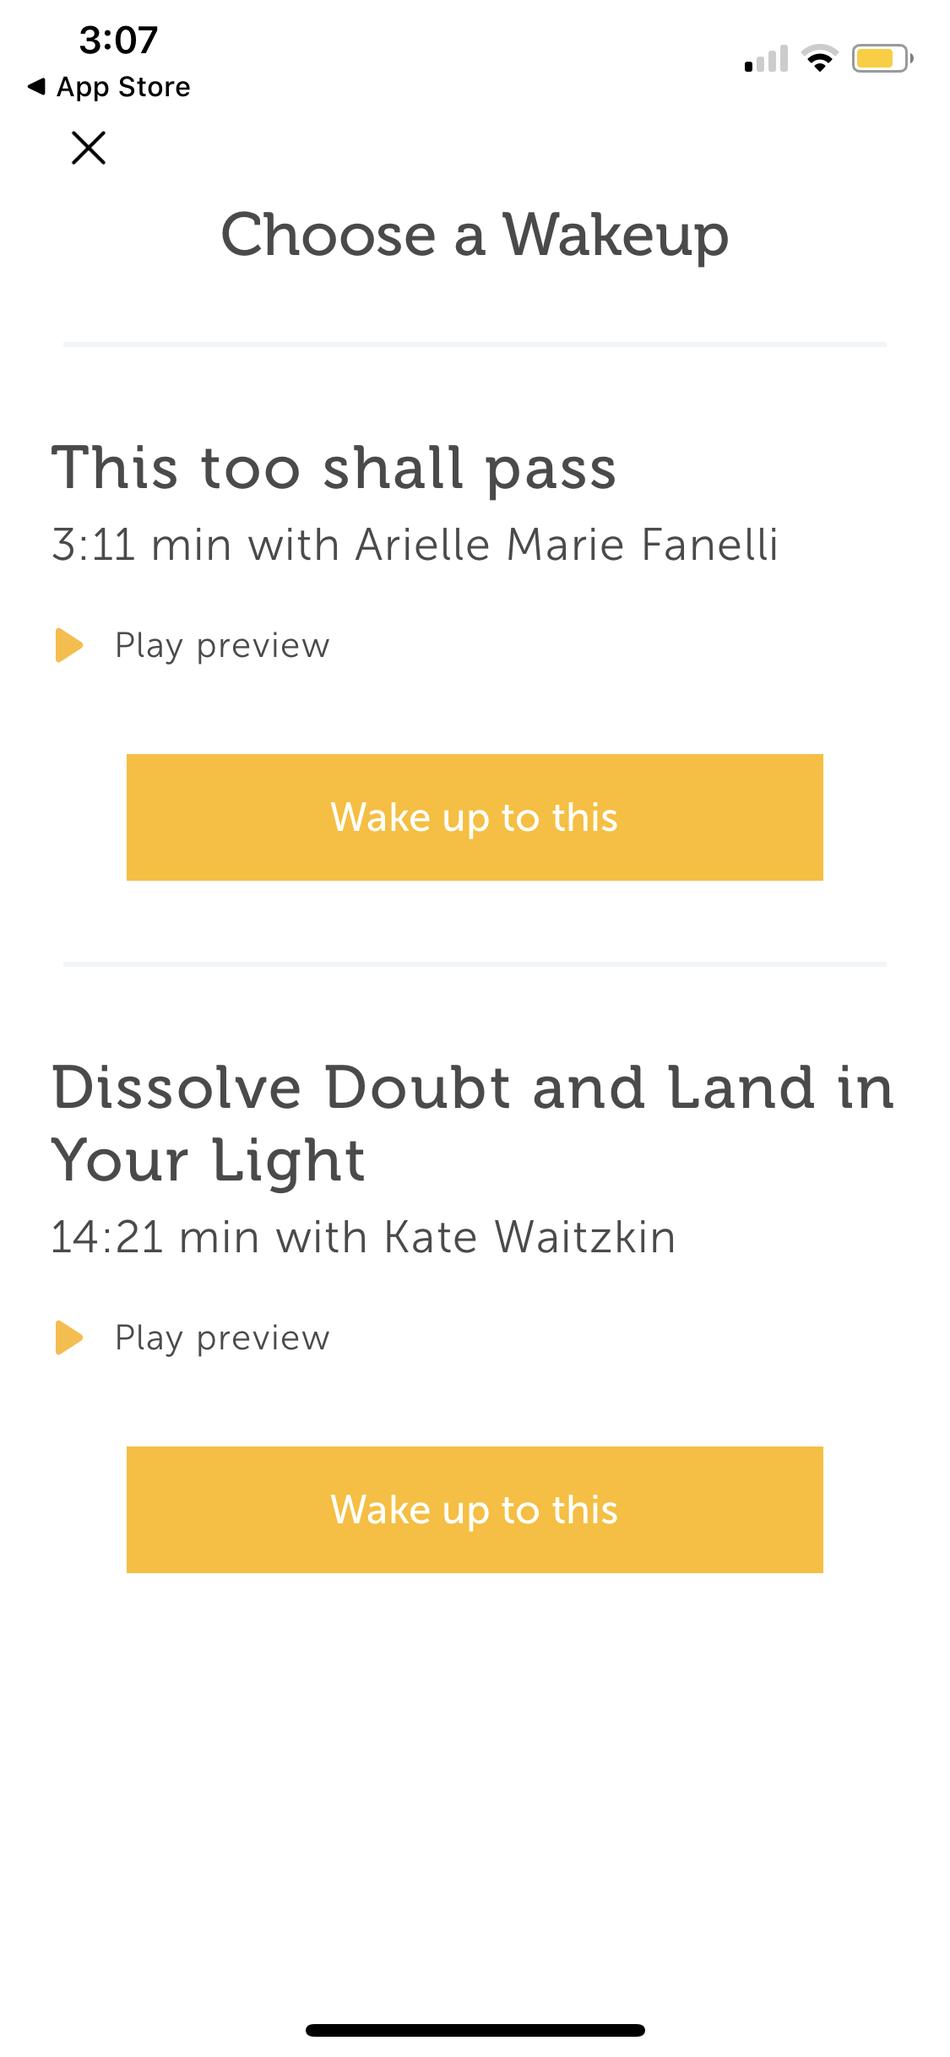 Entonces, puedes elegir a qué sesión quieres despertarte.